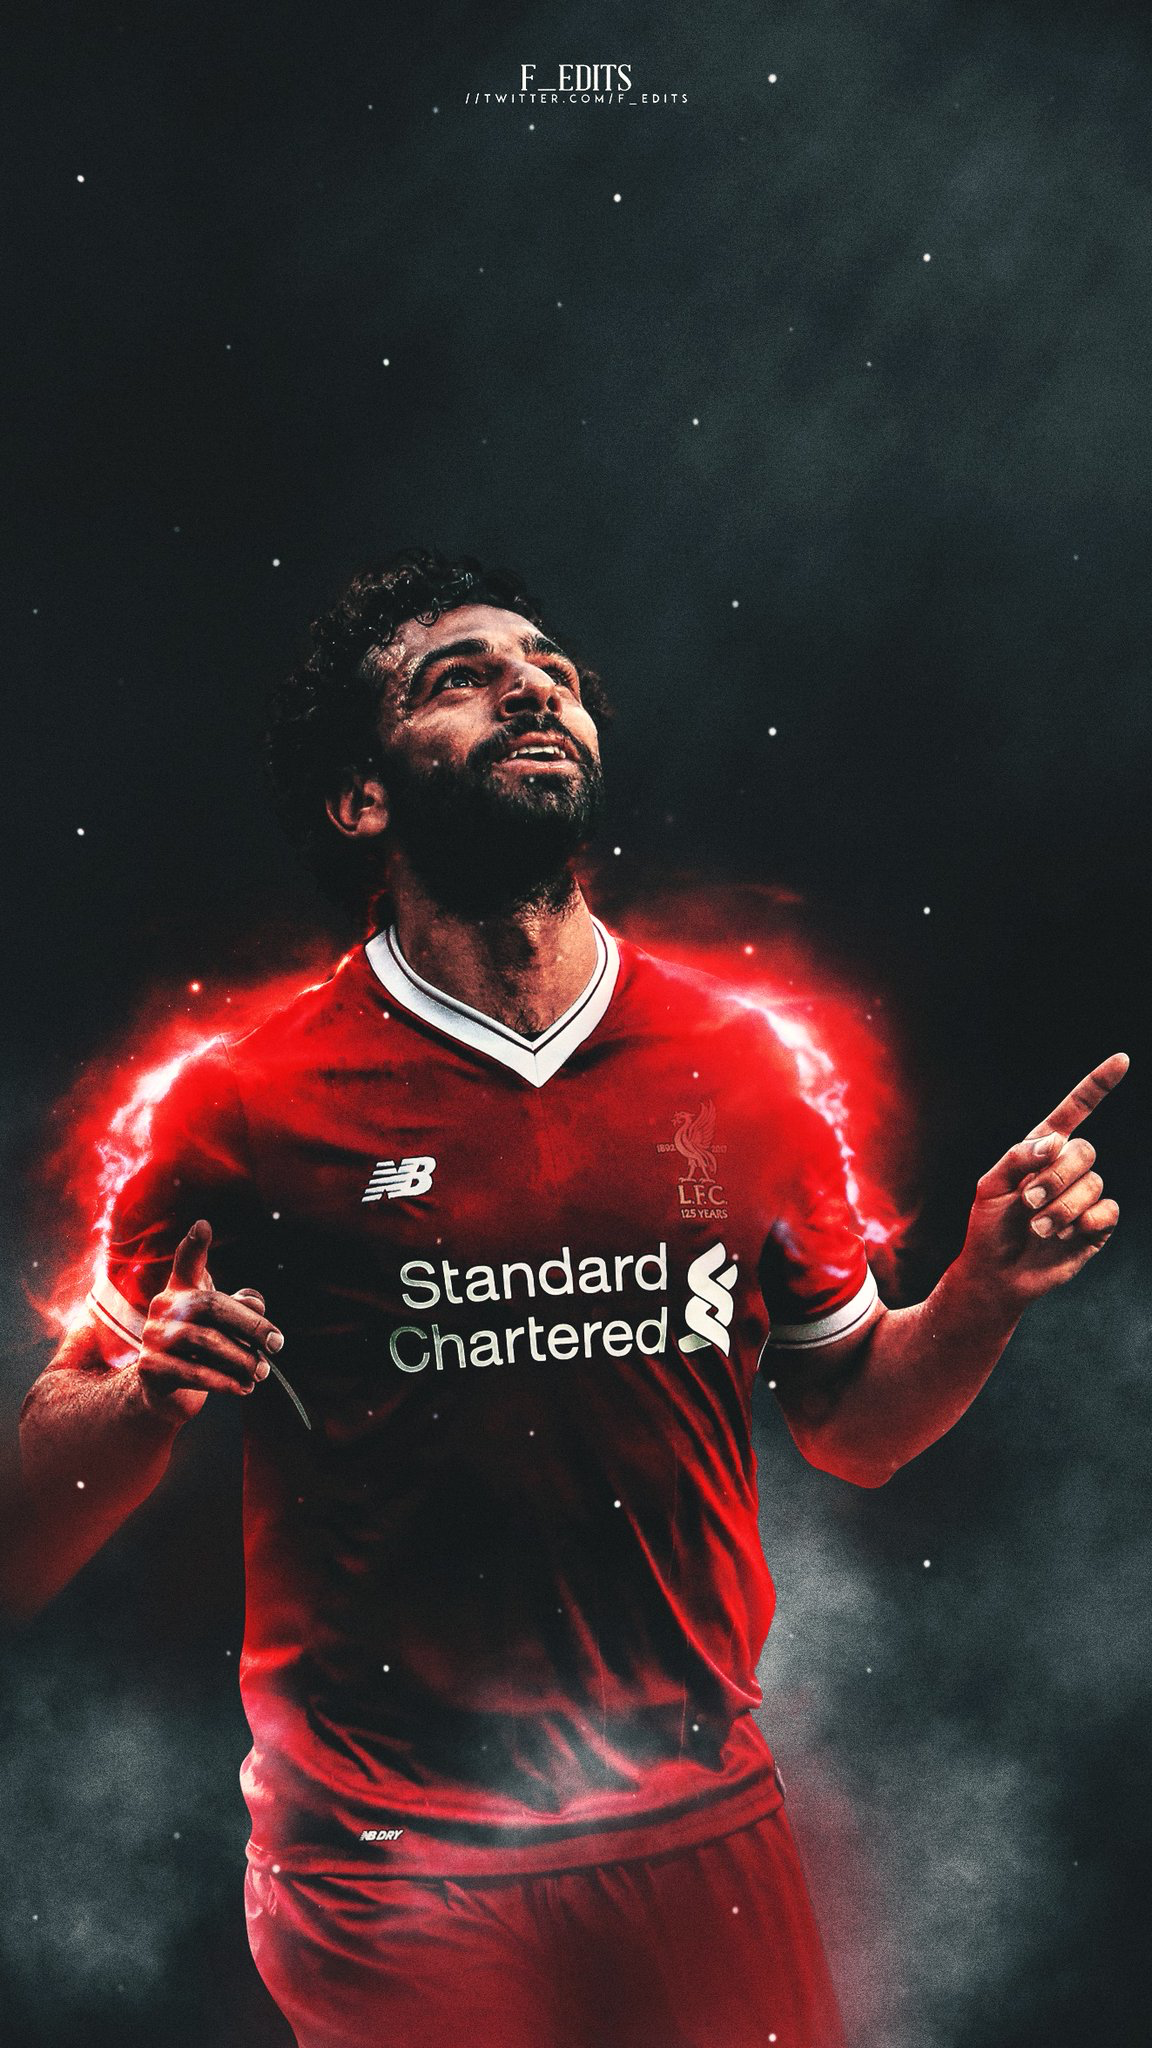 Pin de Lucas Santos em Soccer Stars | Pinterest | Futebol, Planos de fundo e Planos